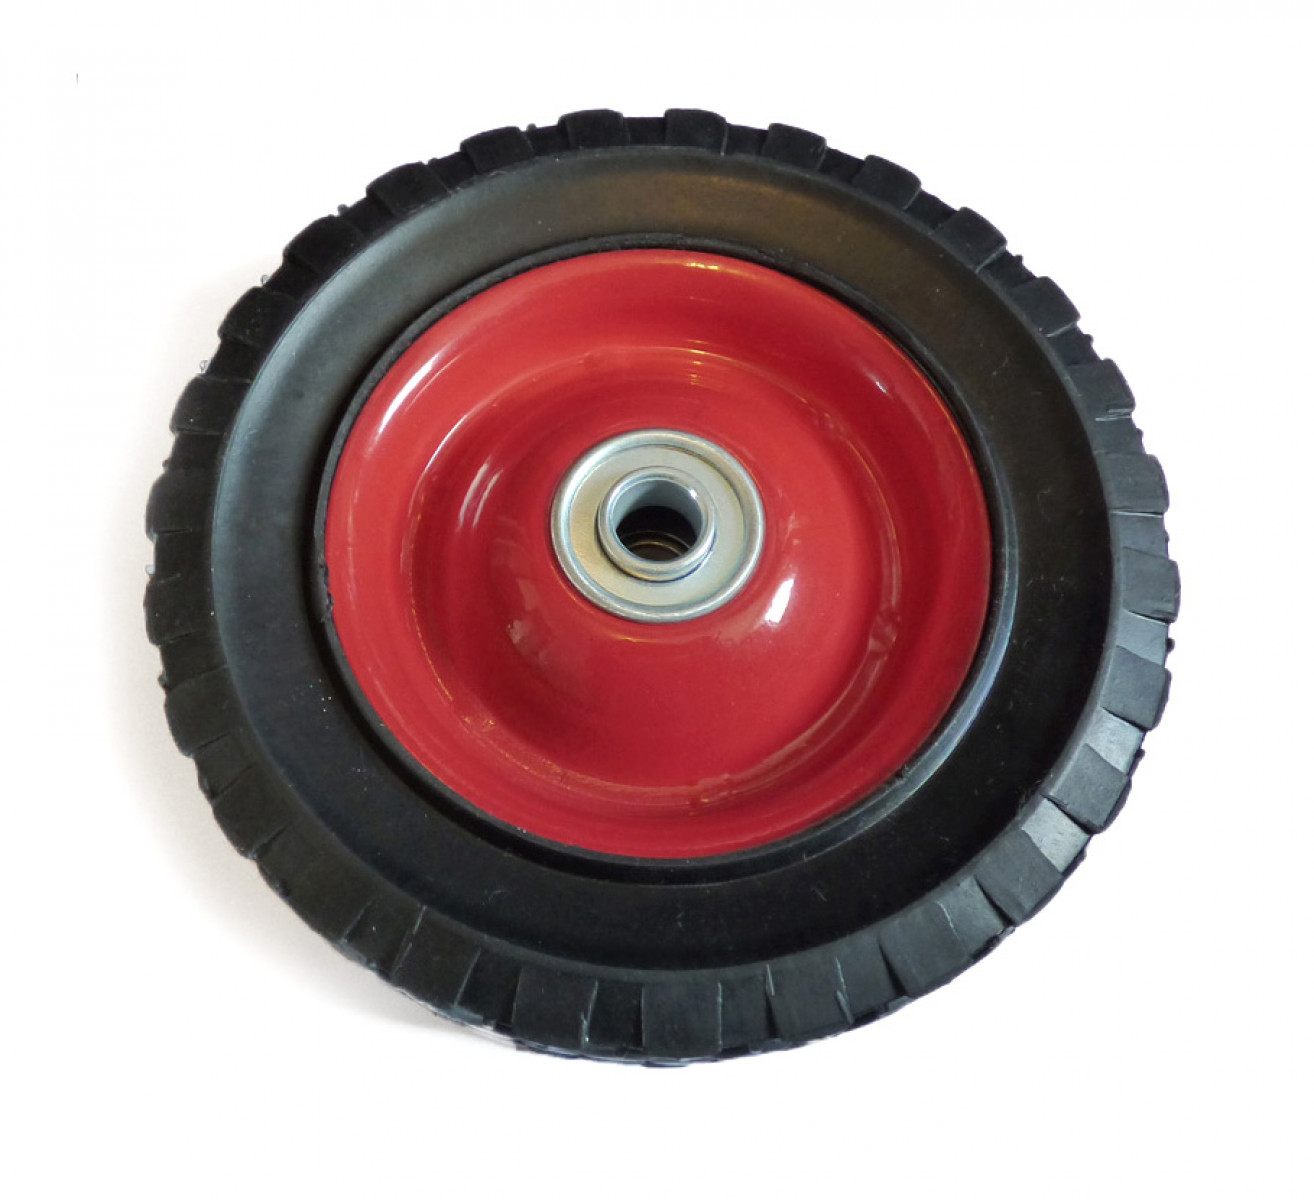 Univerzálne koleso 175mm - kovové ložisko, gumená pneumatika